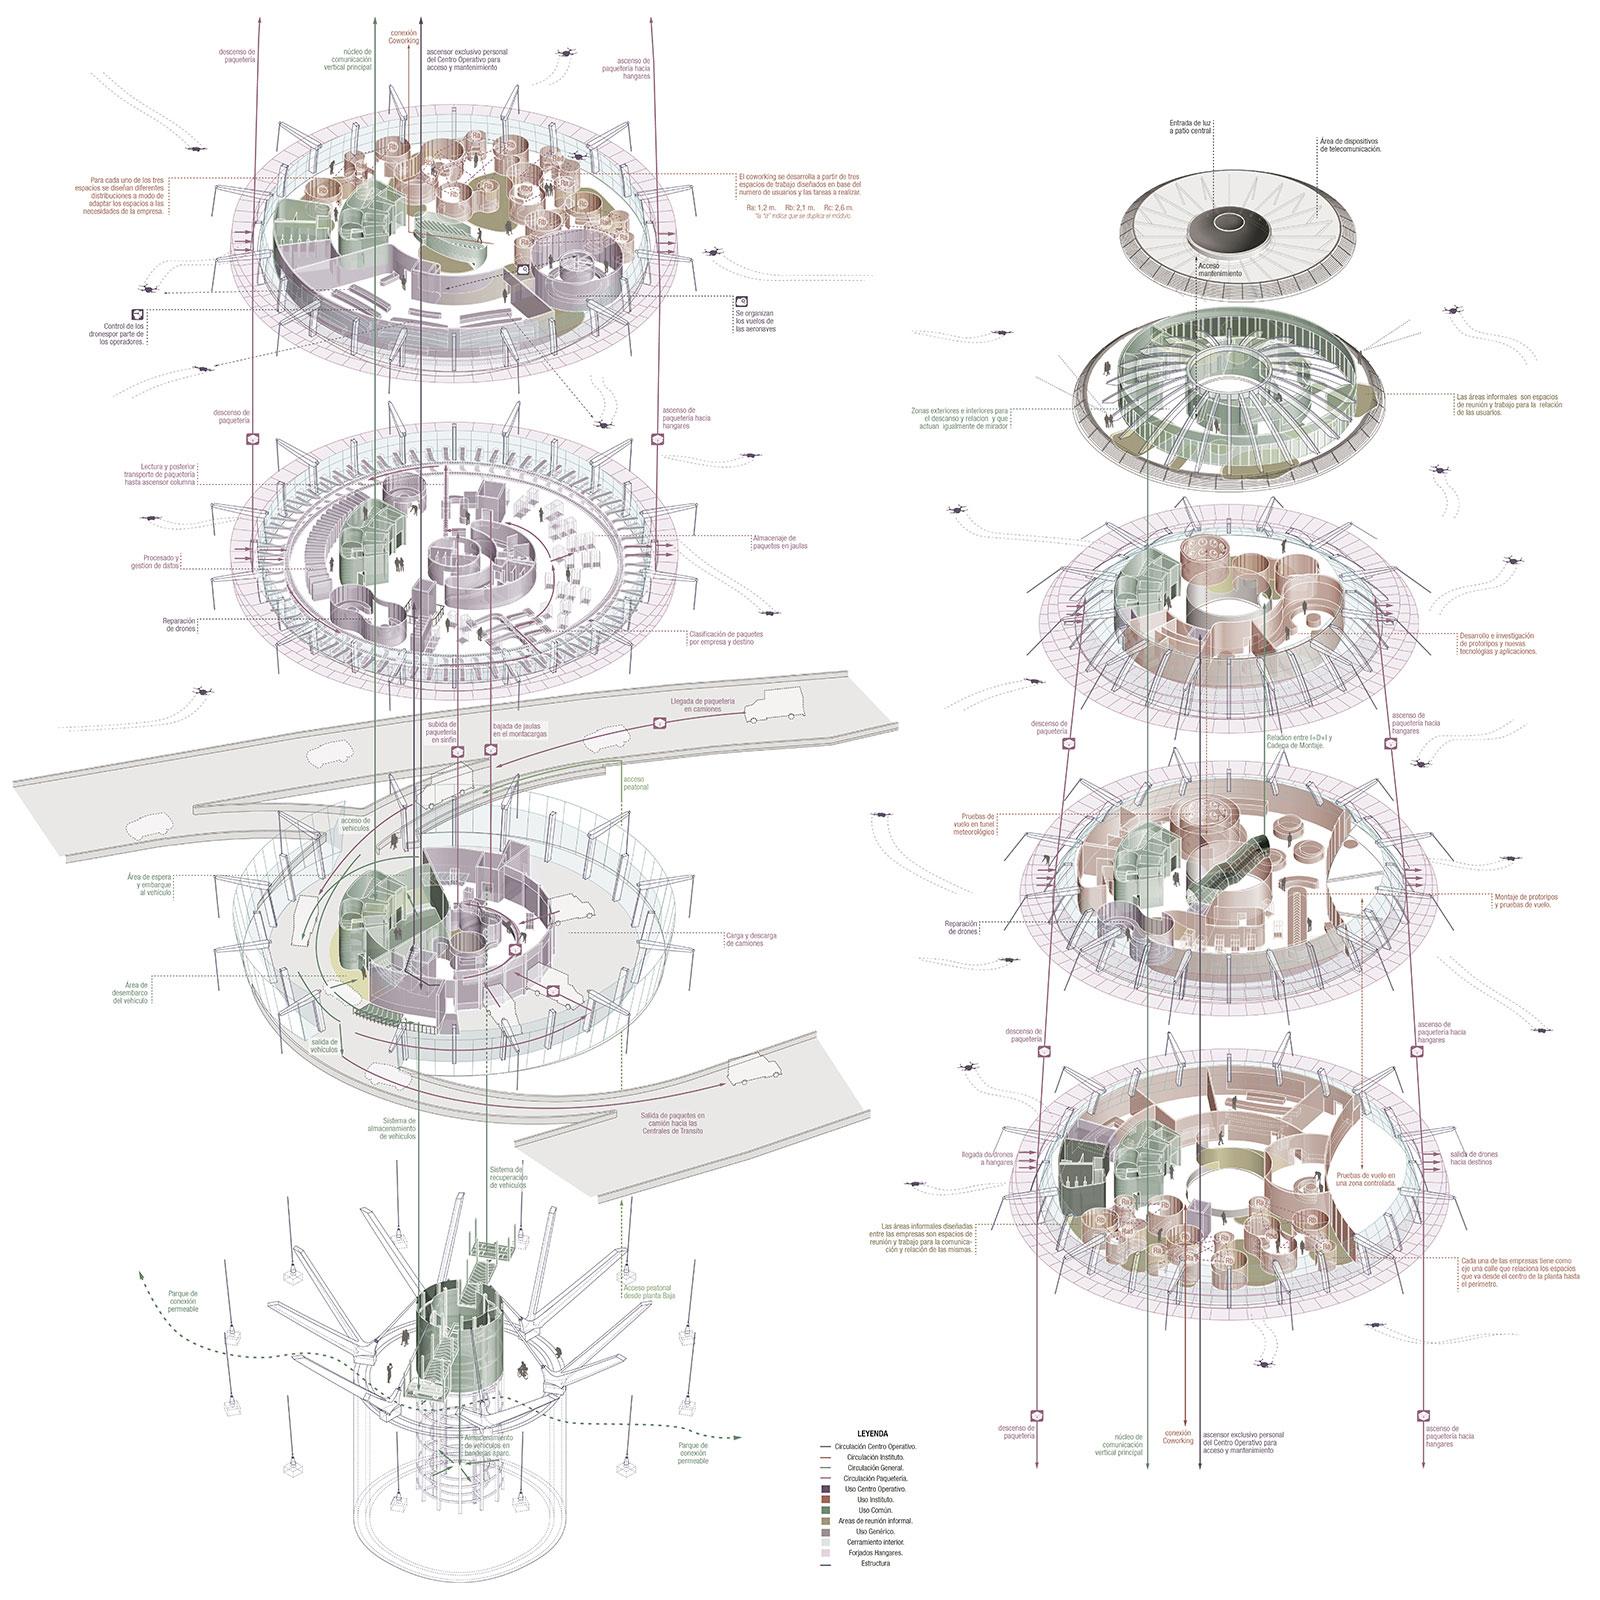 Axonométrica de procesos edificio